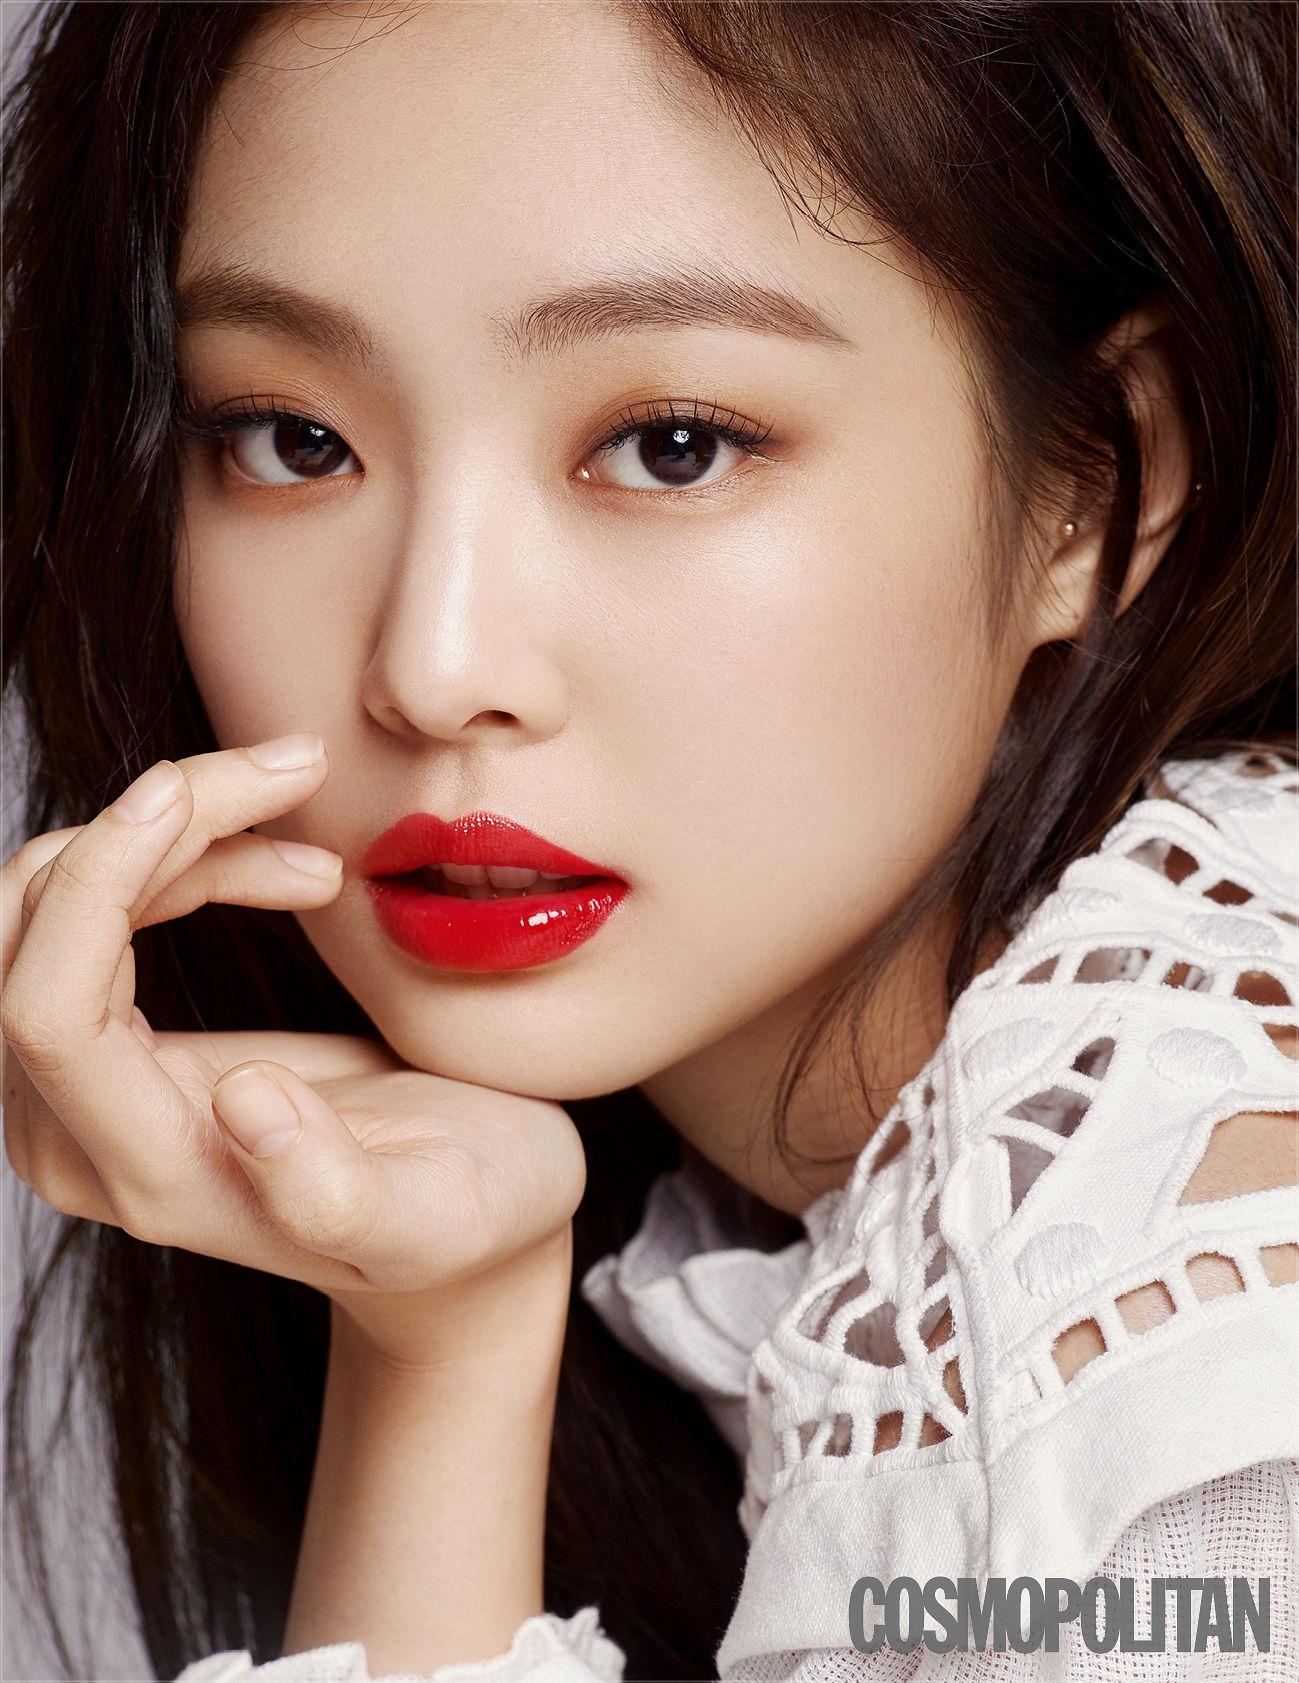 Cùng một màu son nhưng Jennie lúc trông đầy cá tính, sắc sảo, lúc lại ngọt ngào tựa nàng thơ.